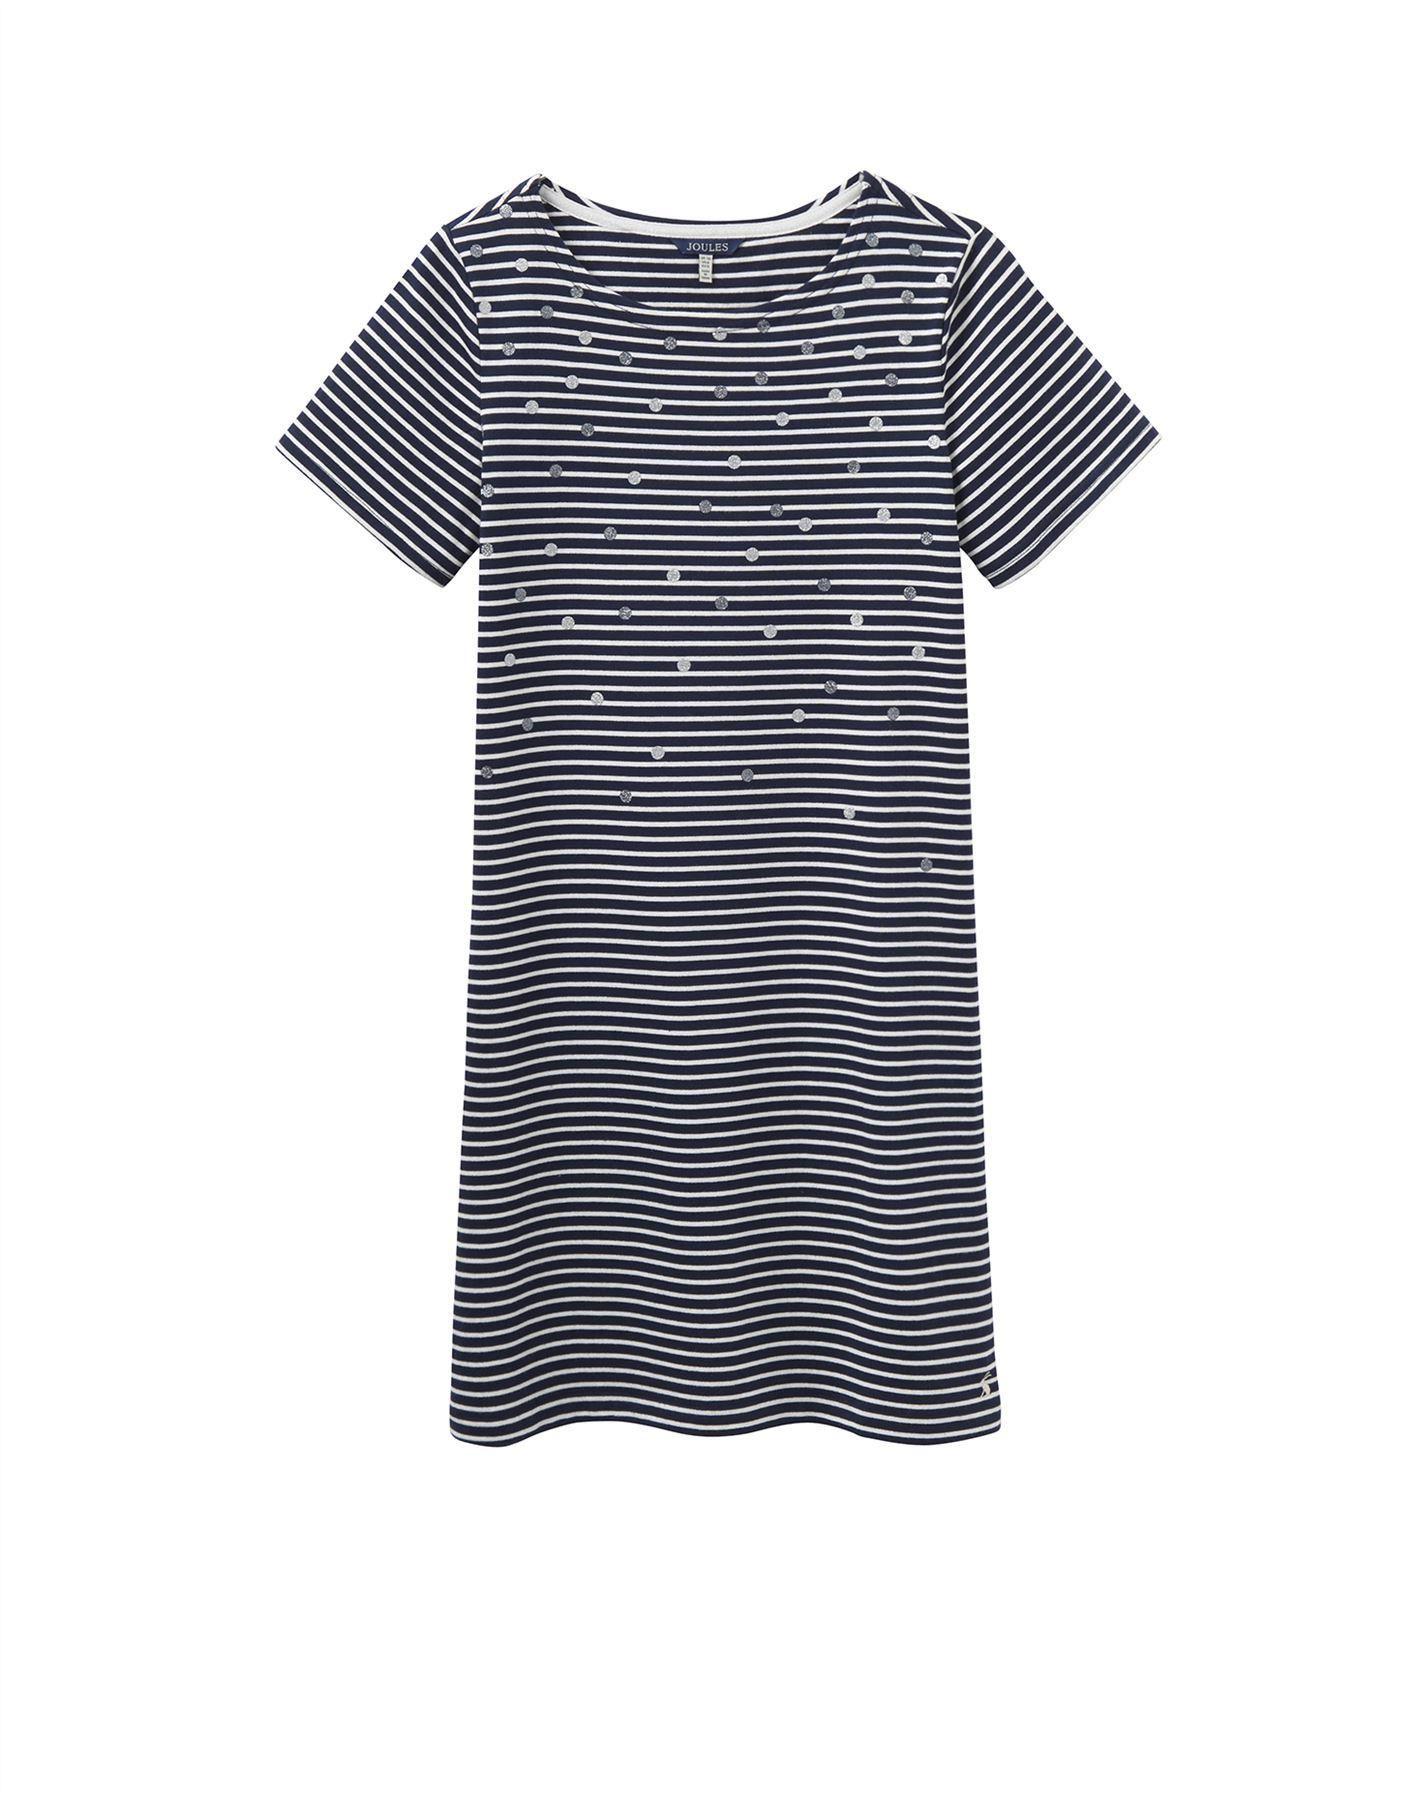 Black t shirt dress ebay - Joules Riviera Luxe Jersey T Shirt Dress